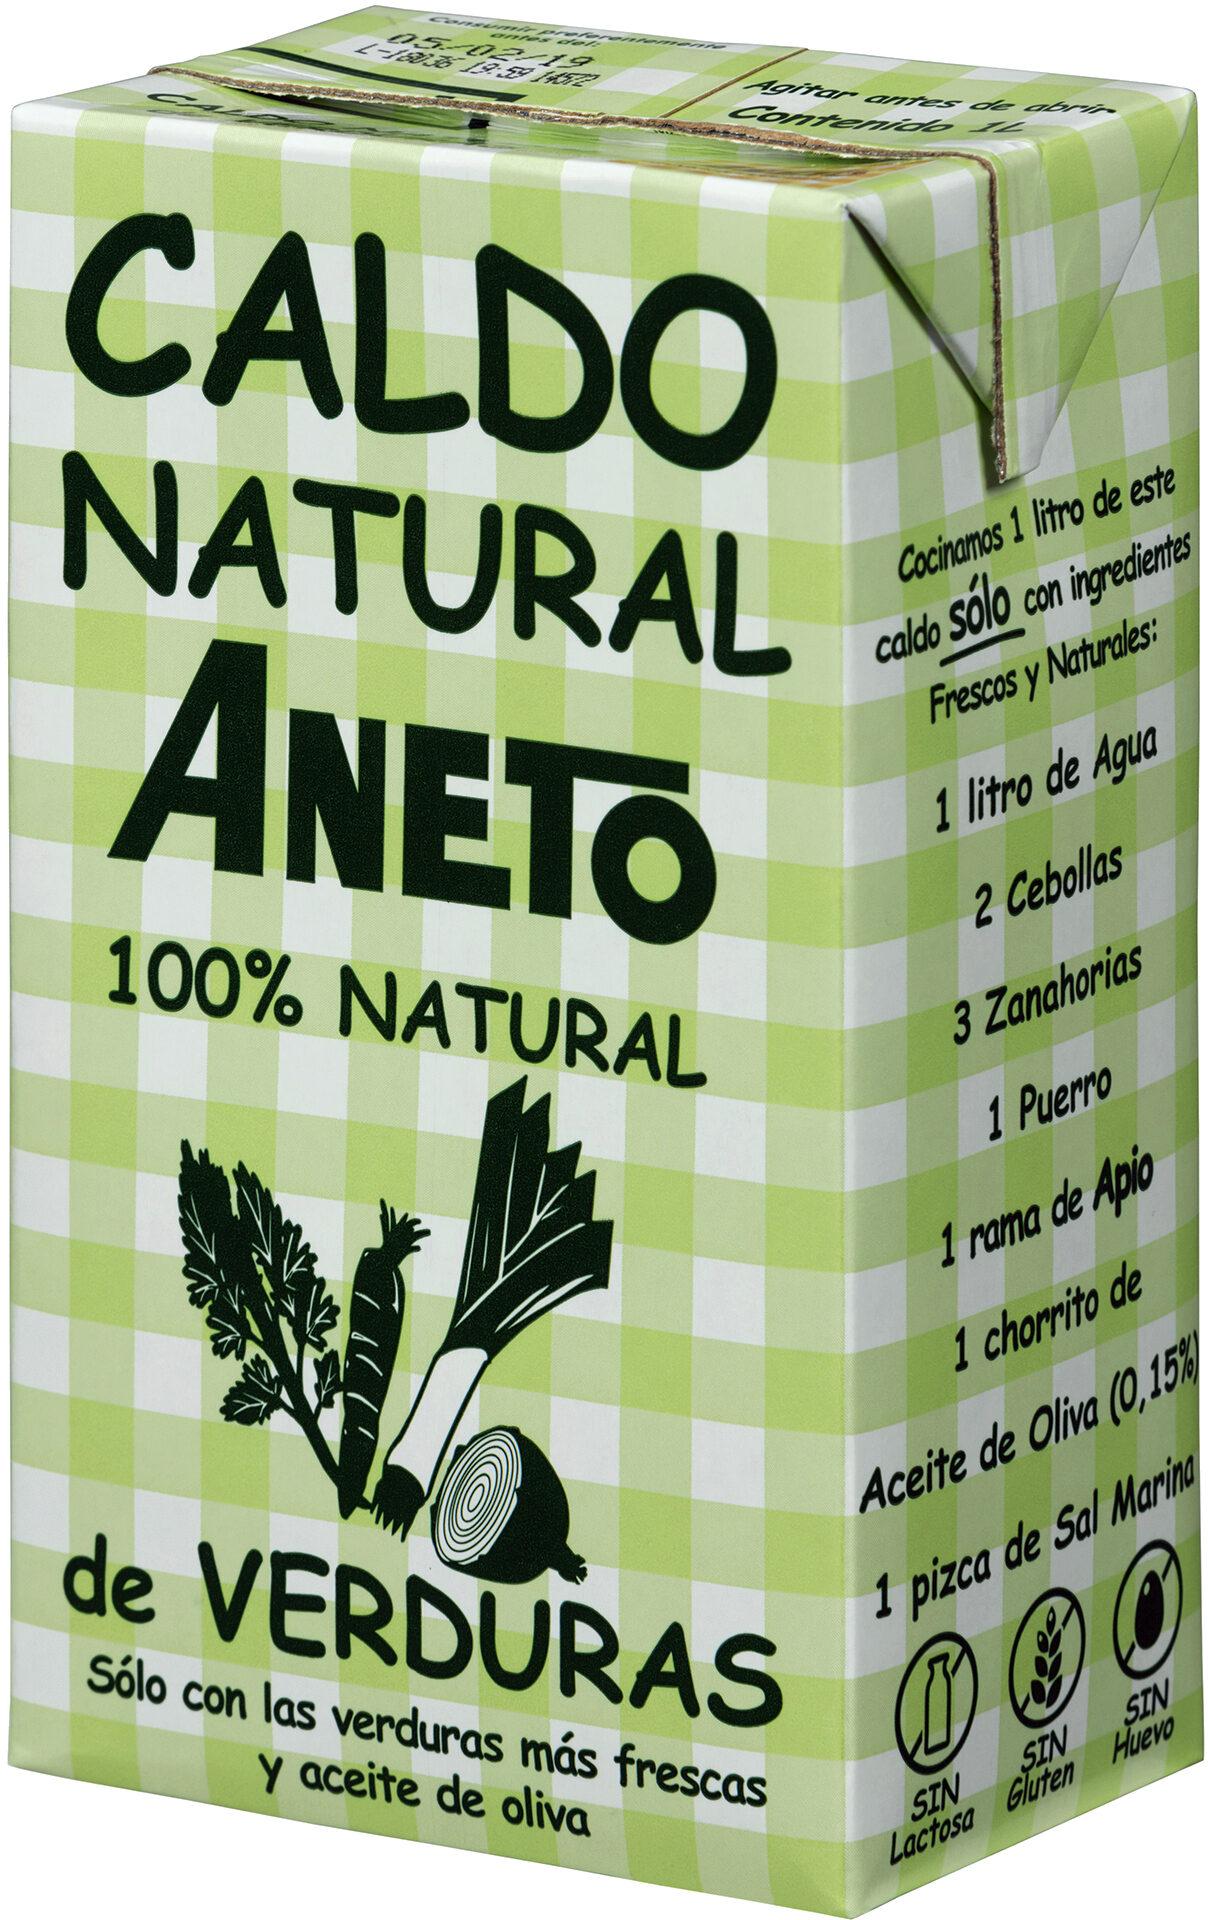 caldo de verduras 100% natural Aneto